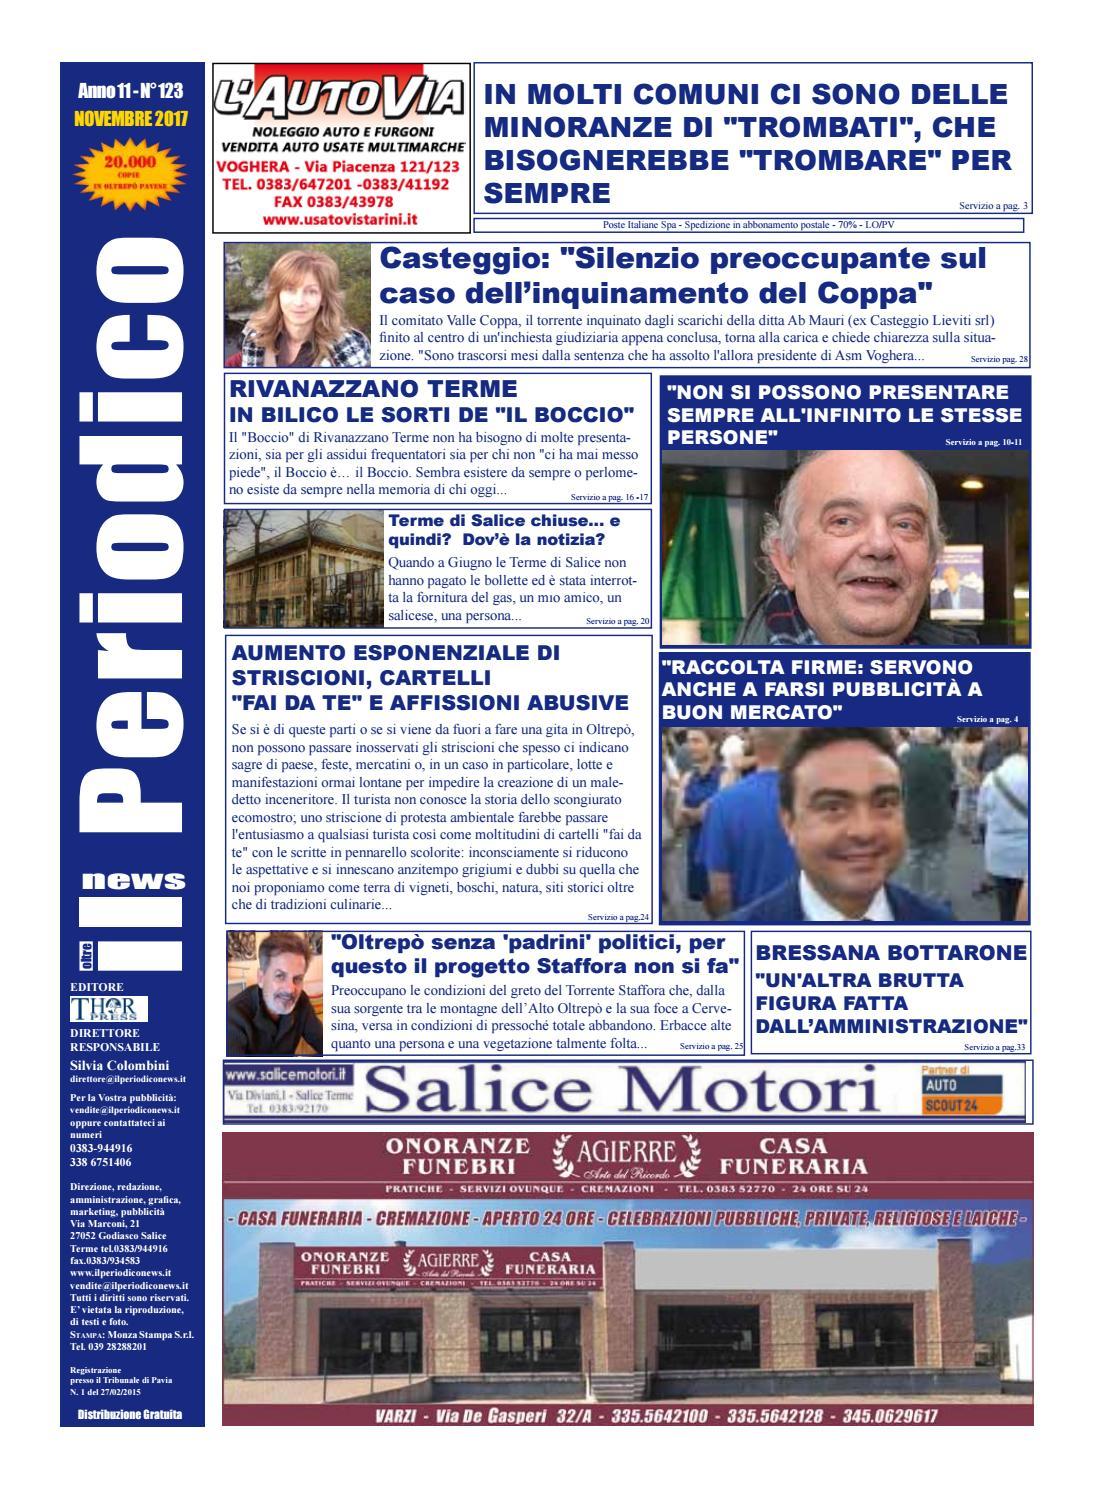 Il Periodico News - NOVEMBRE 2017 N°123 by IlPeriodicoNews - issuu 1c6aecf6917